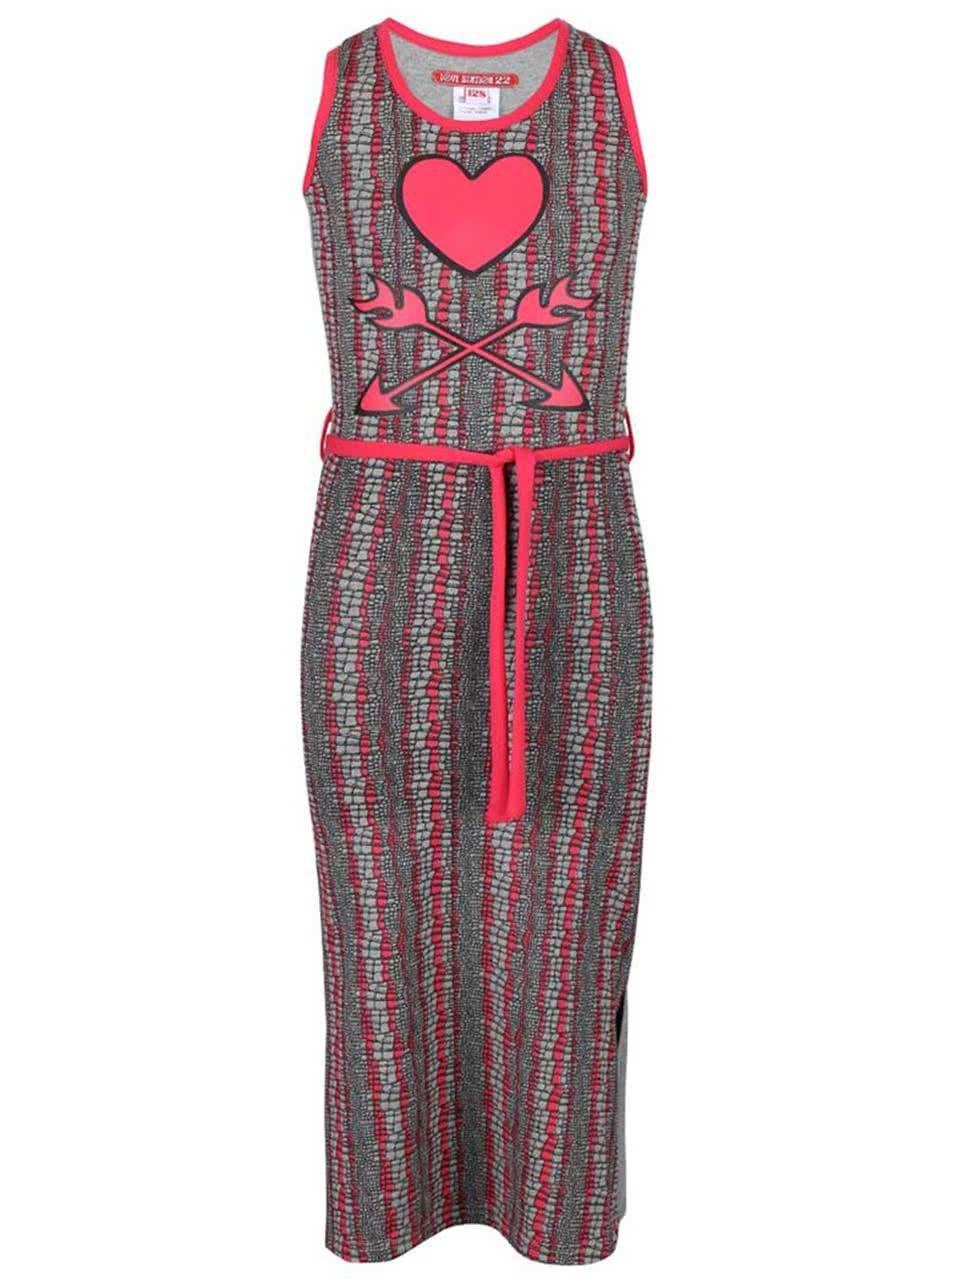 Šedo-růžové holčičí šaty s potiskem LoveStation22 Kyra